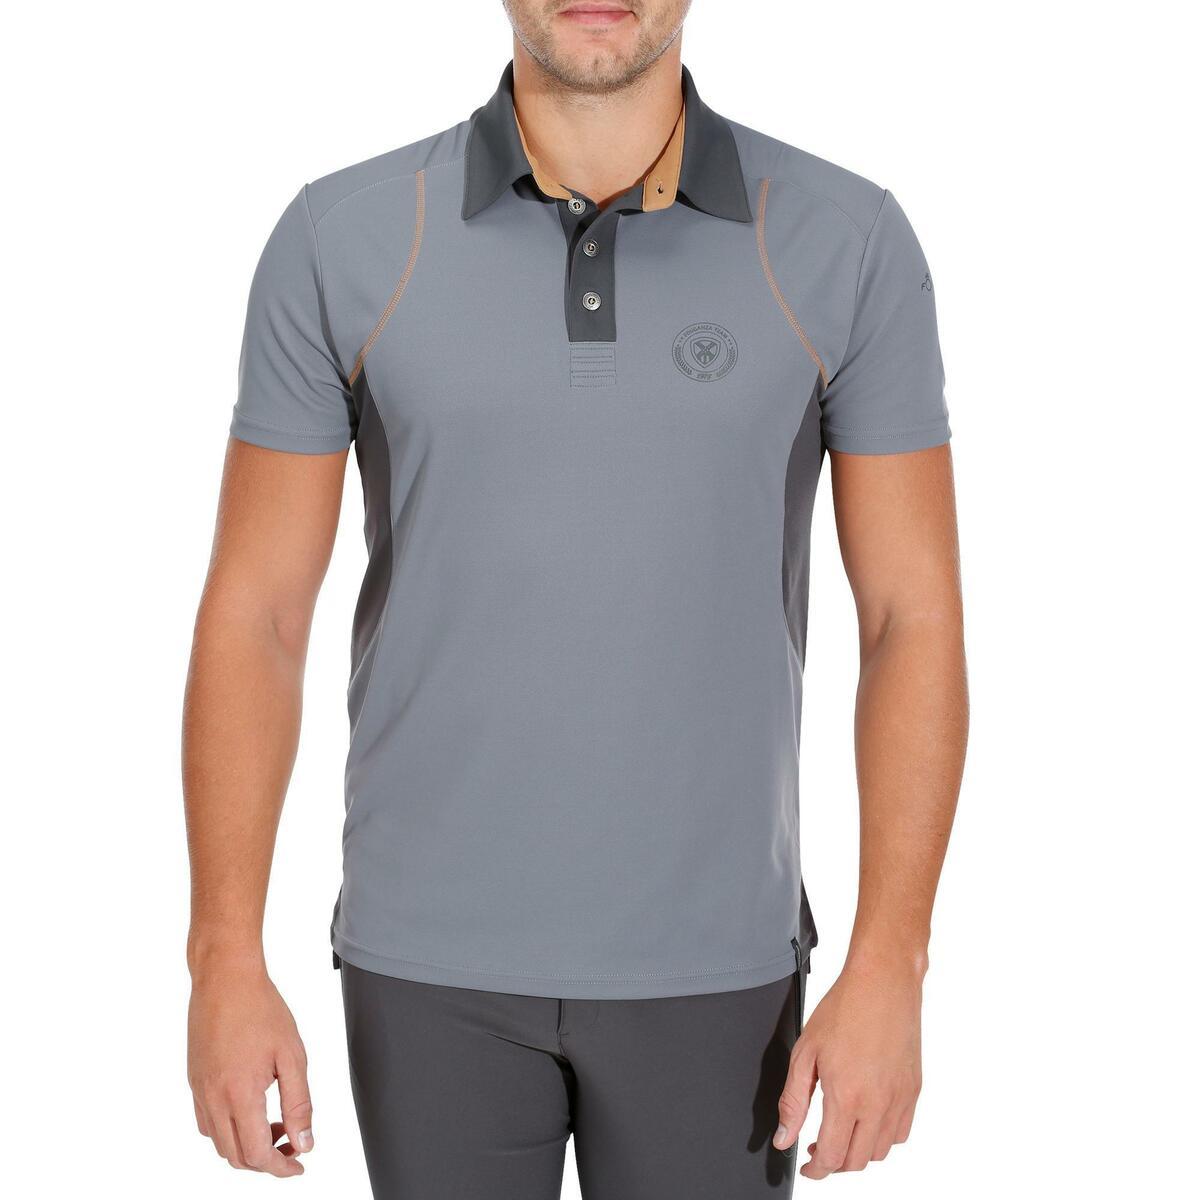 Bild 2 von Reit-Poloshirt 500 Mesh Herren grau/beige